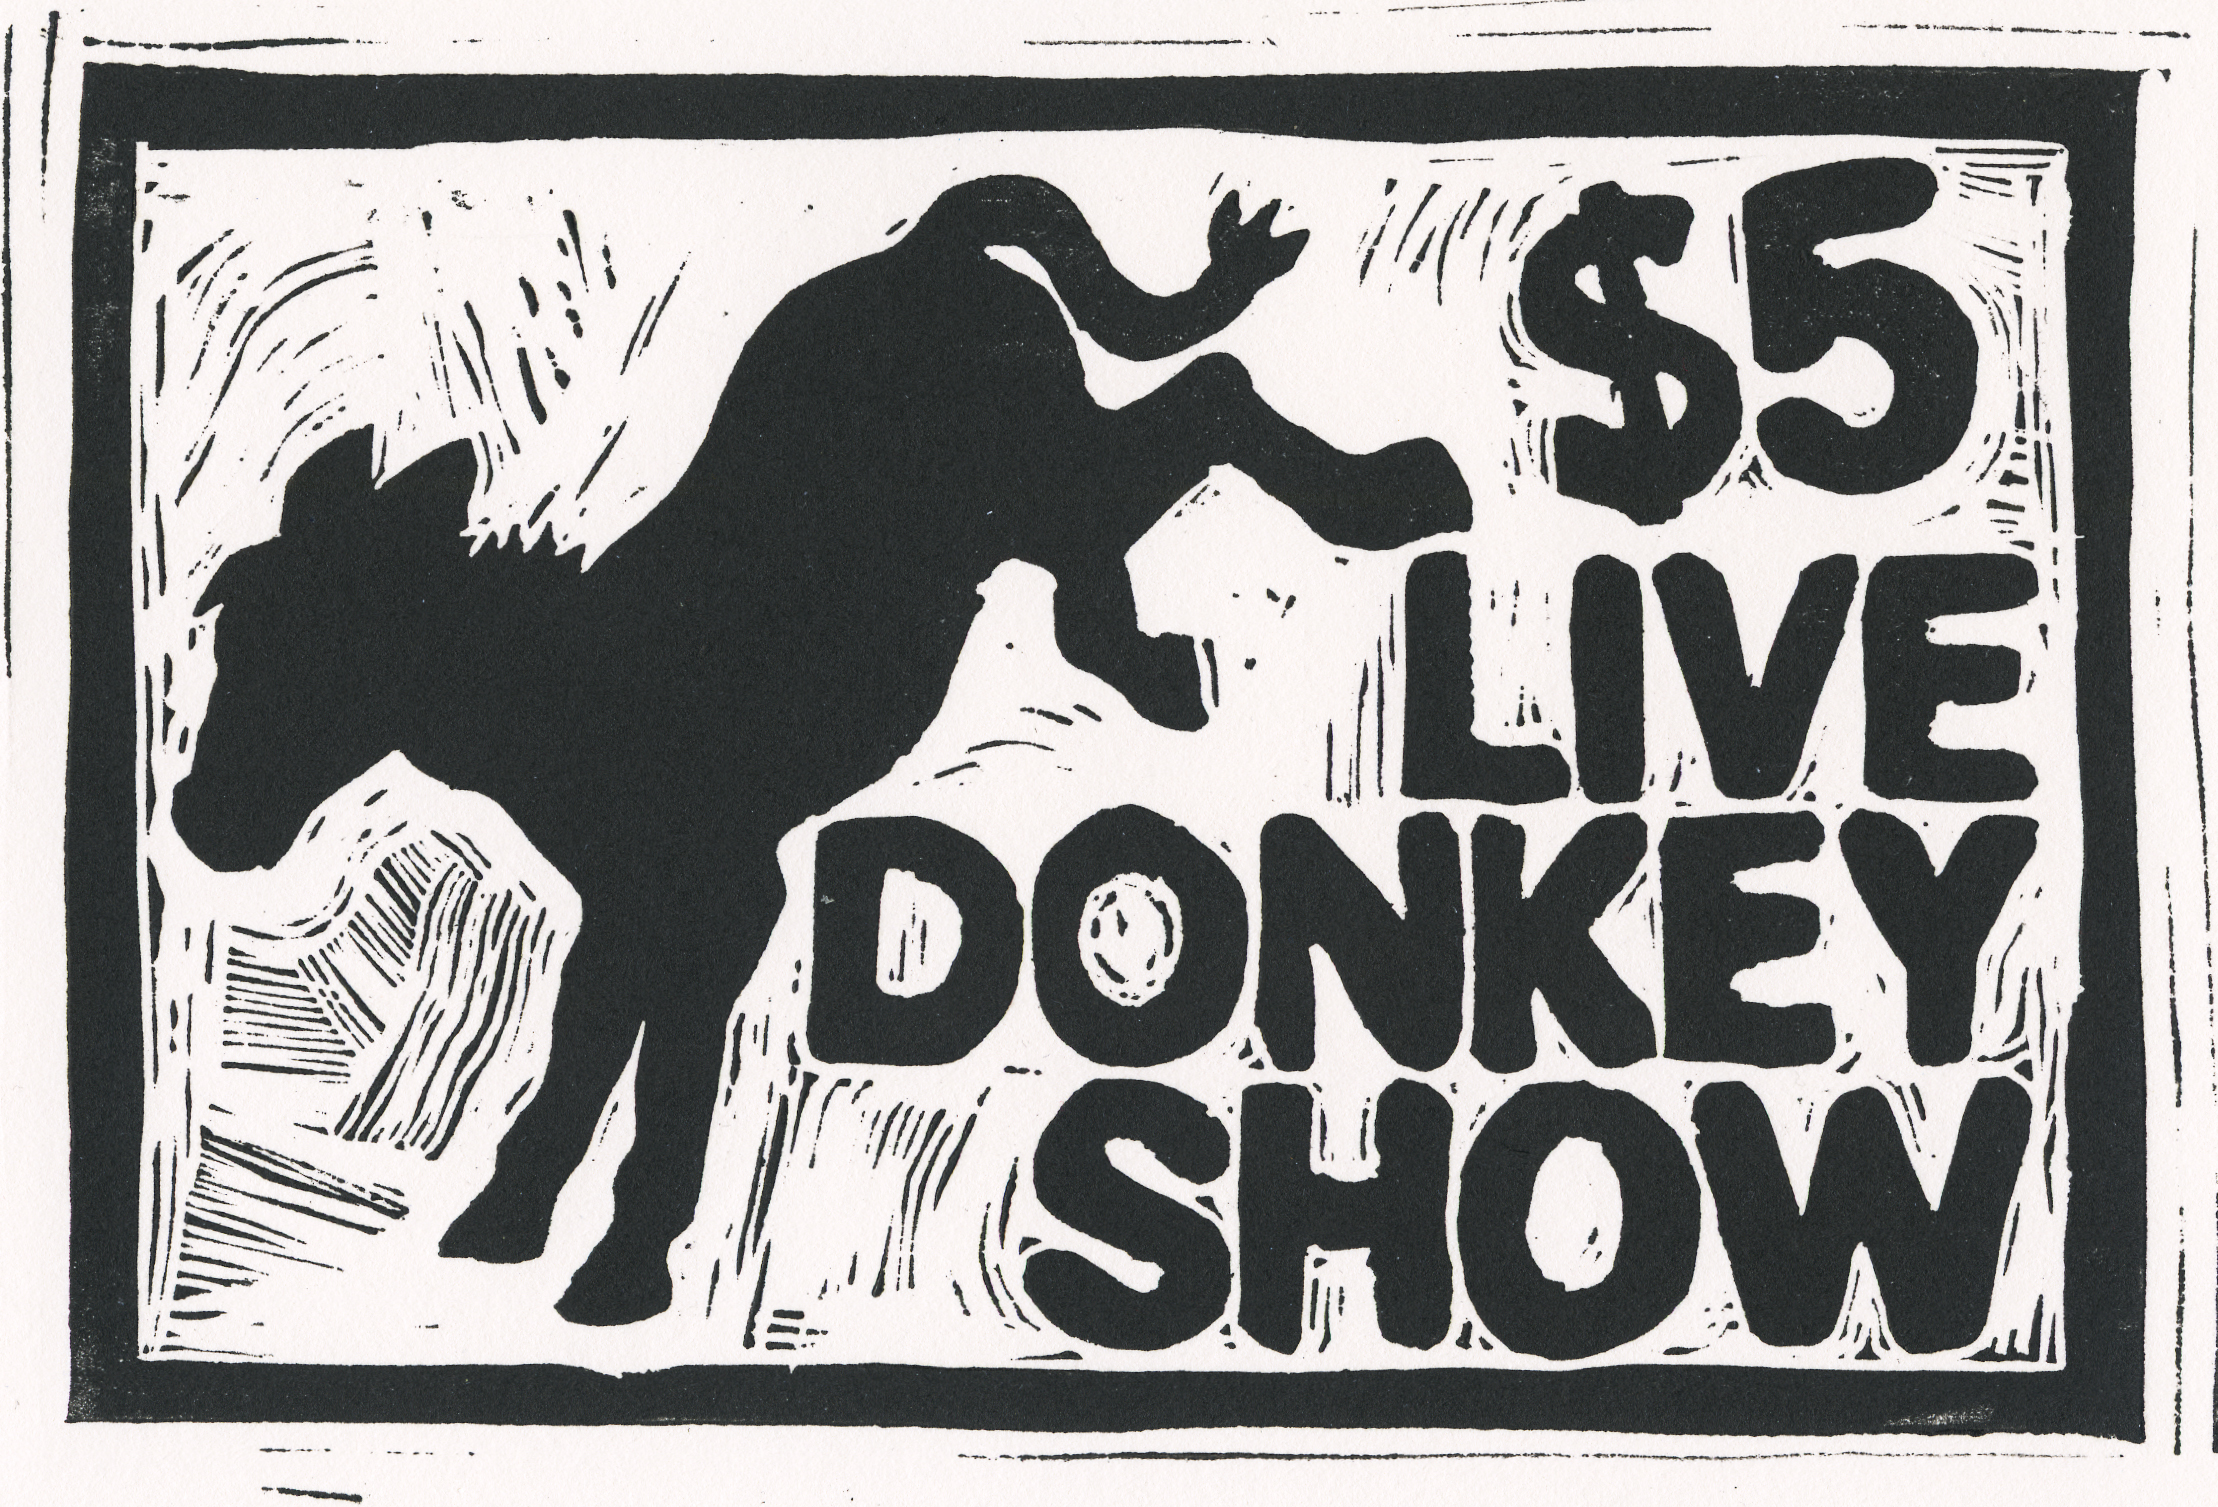 Donkey Show 2013